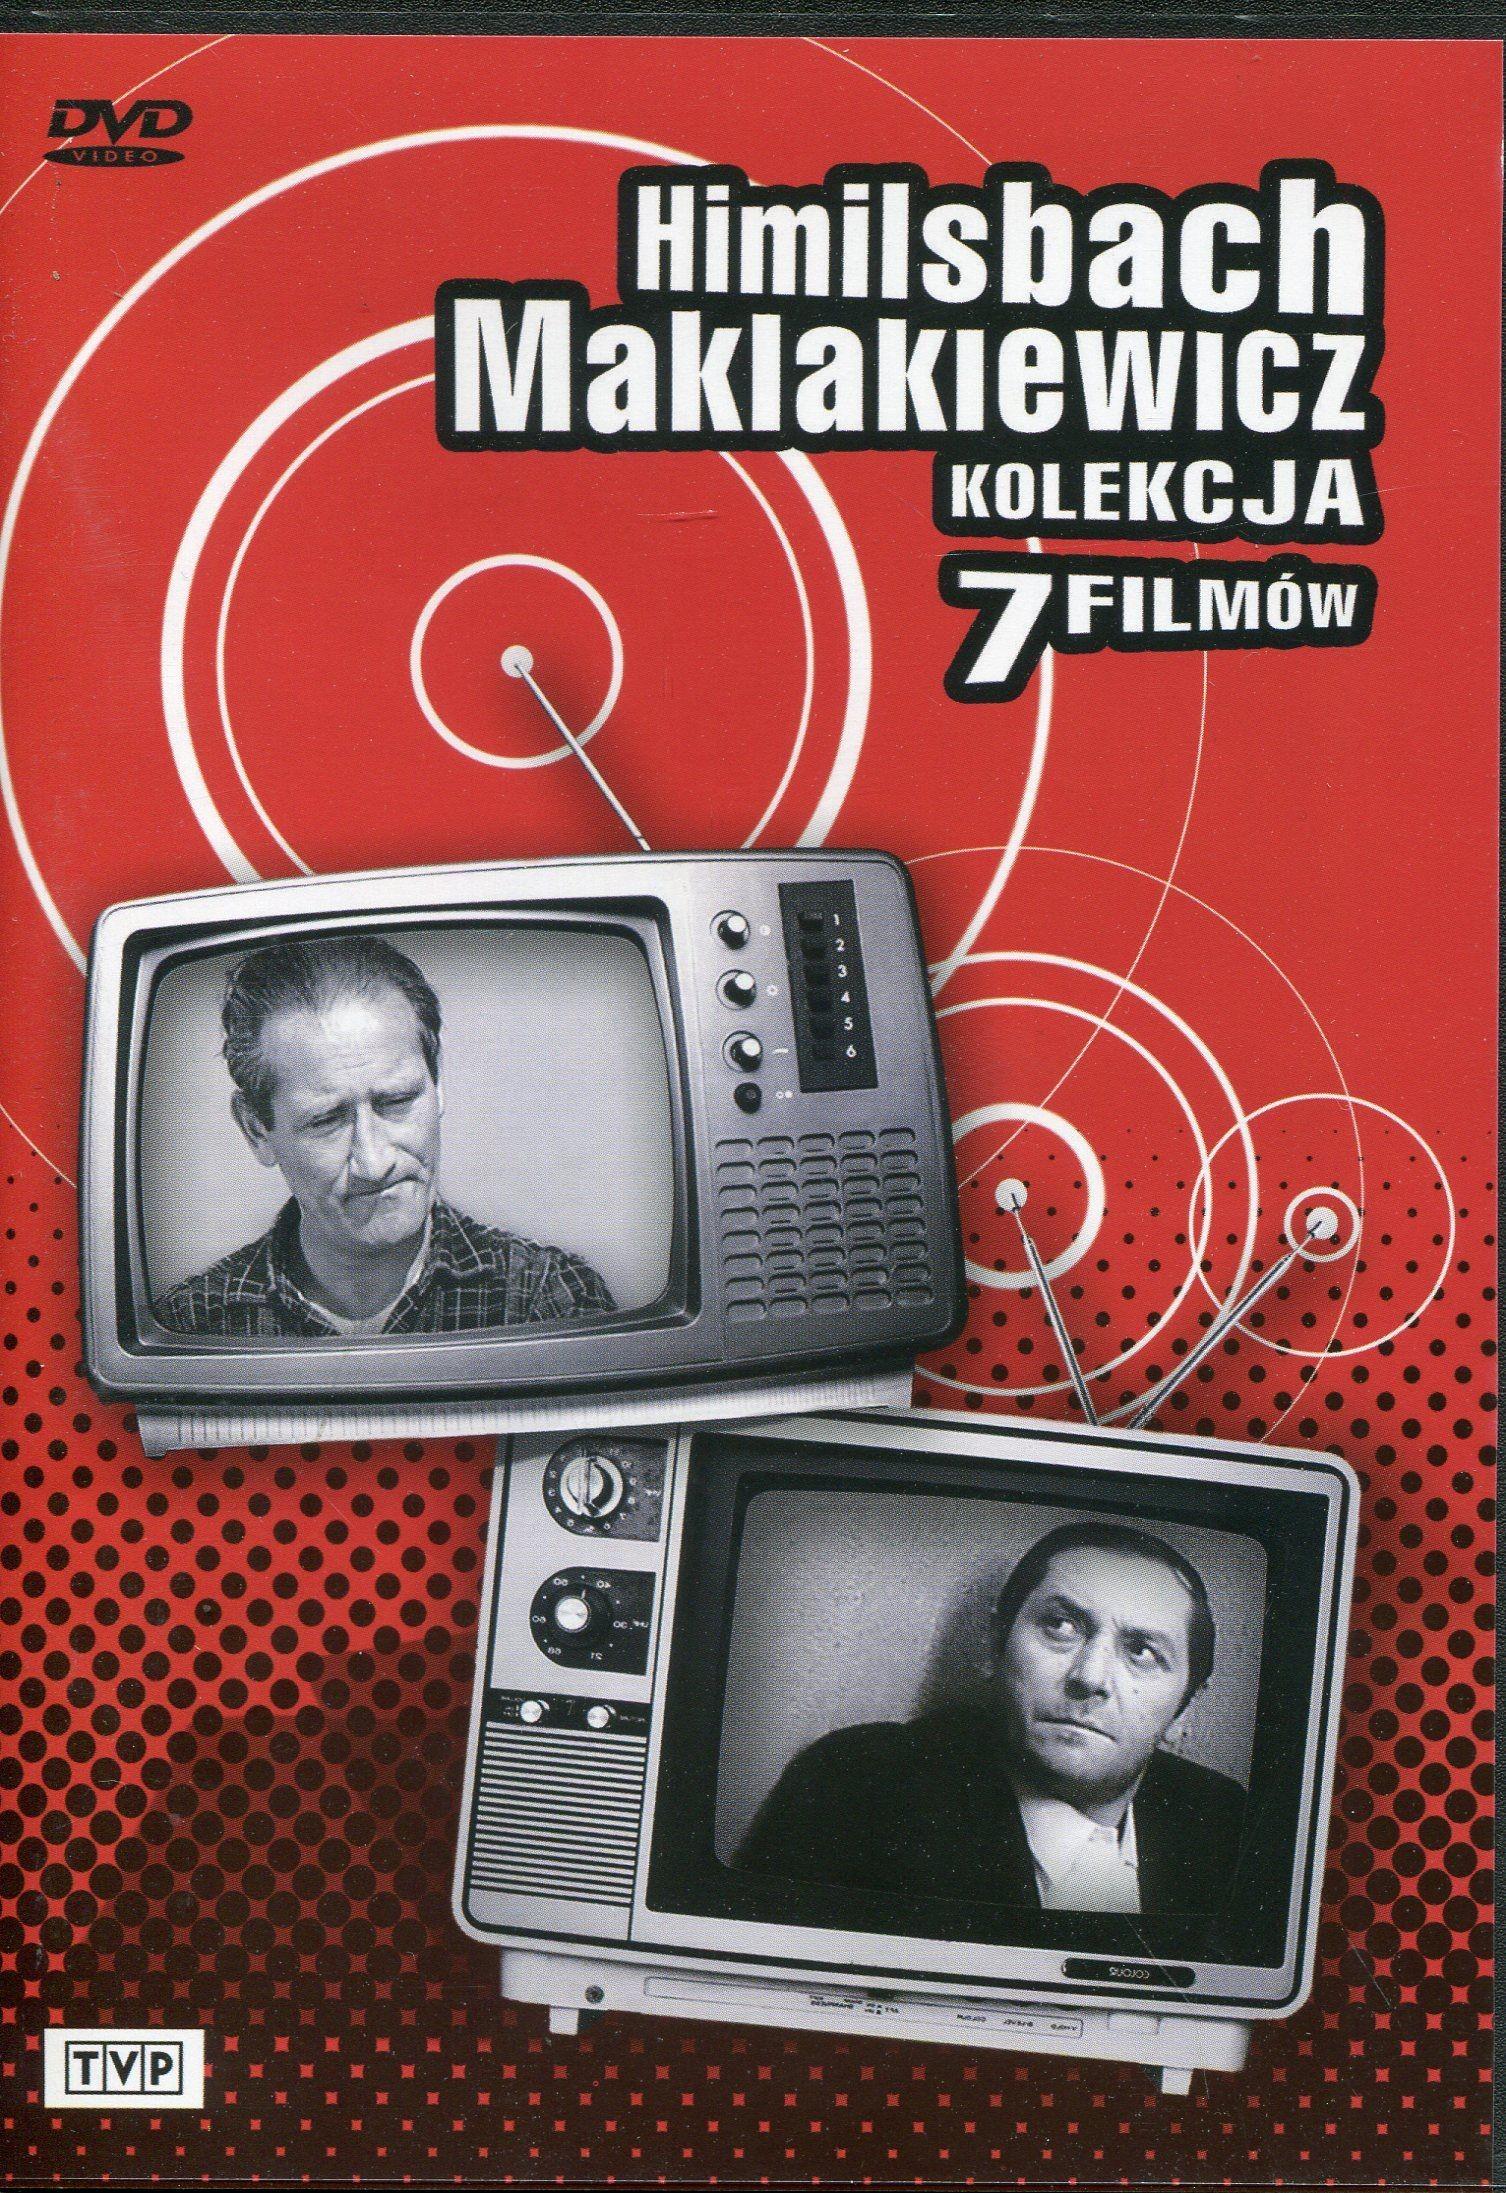 Telewizja Polska Himilsbach Maklakiewicz Kolekcja 7 filmów DVD